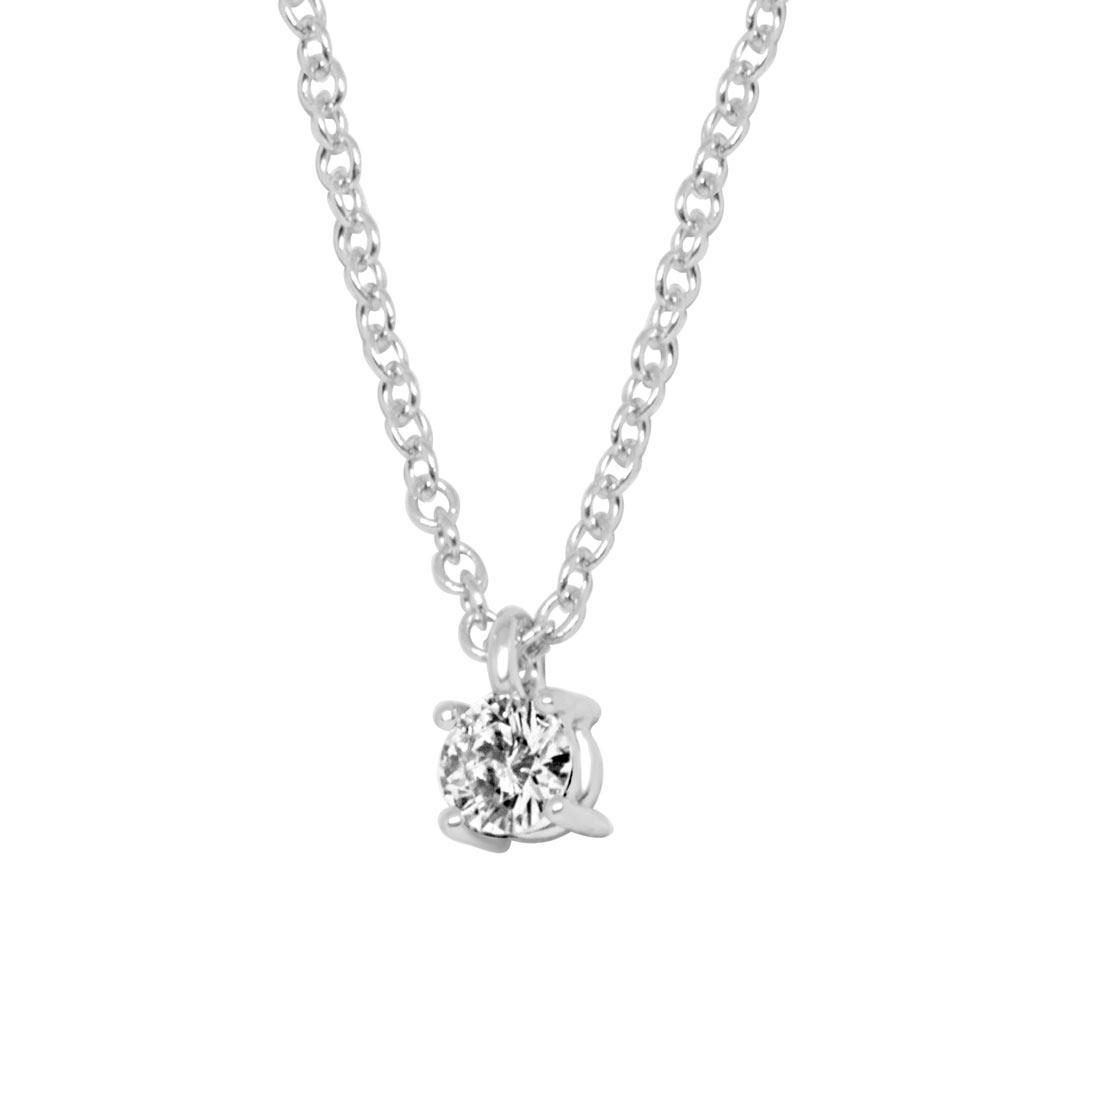 Collier in oro bianco con diamante 0.24 ct - ALFIERI & ST. JOHN